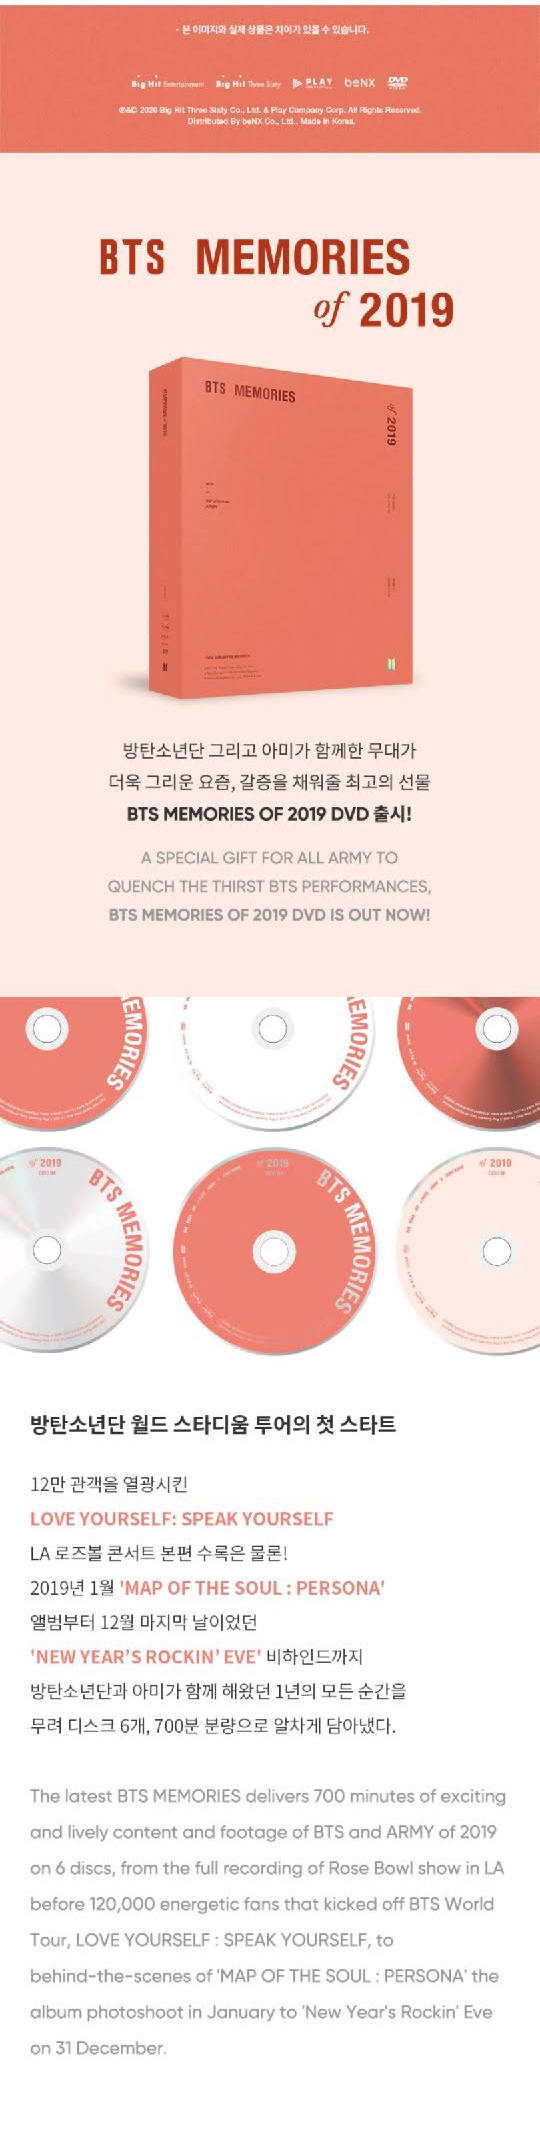 bts-memories_of_2019-3